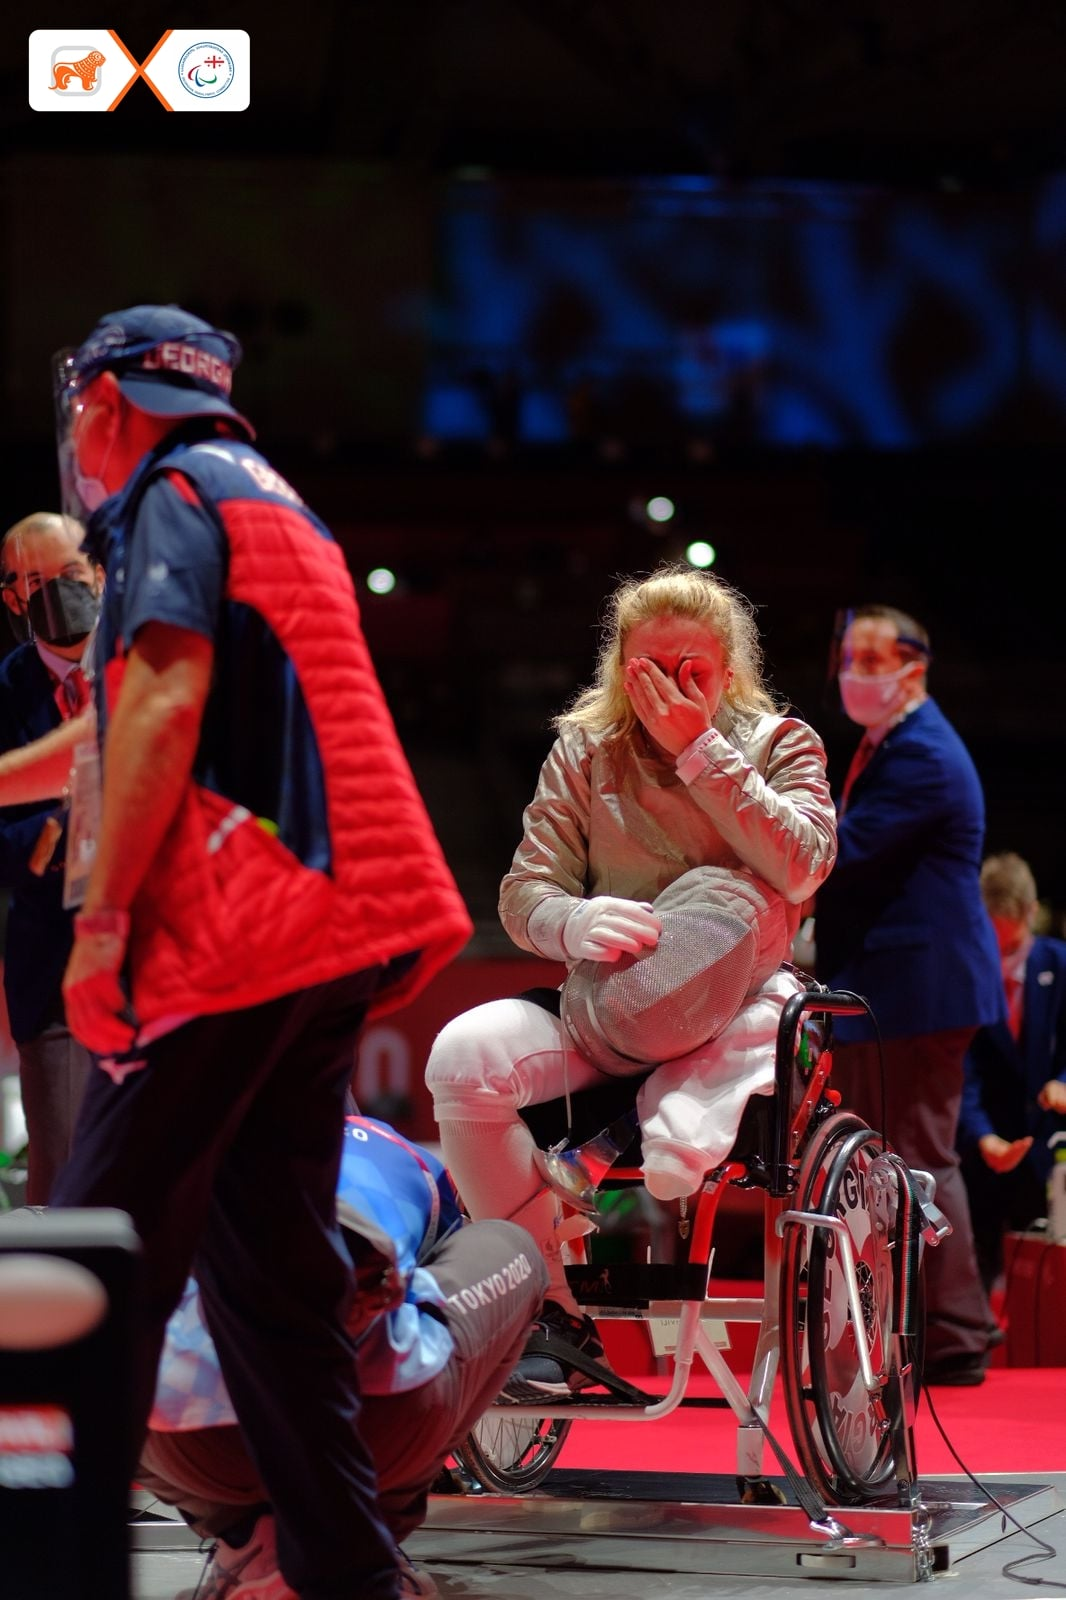 240506114 6113706252005208 2189560164483188503 n #новости Нино Тибилашвили, паралимпиада в Токио, спорт, фехтование